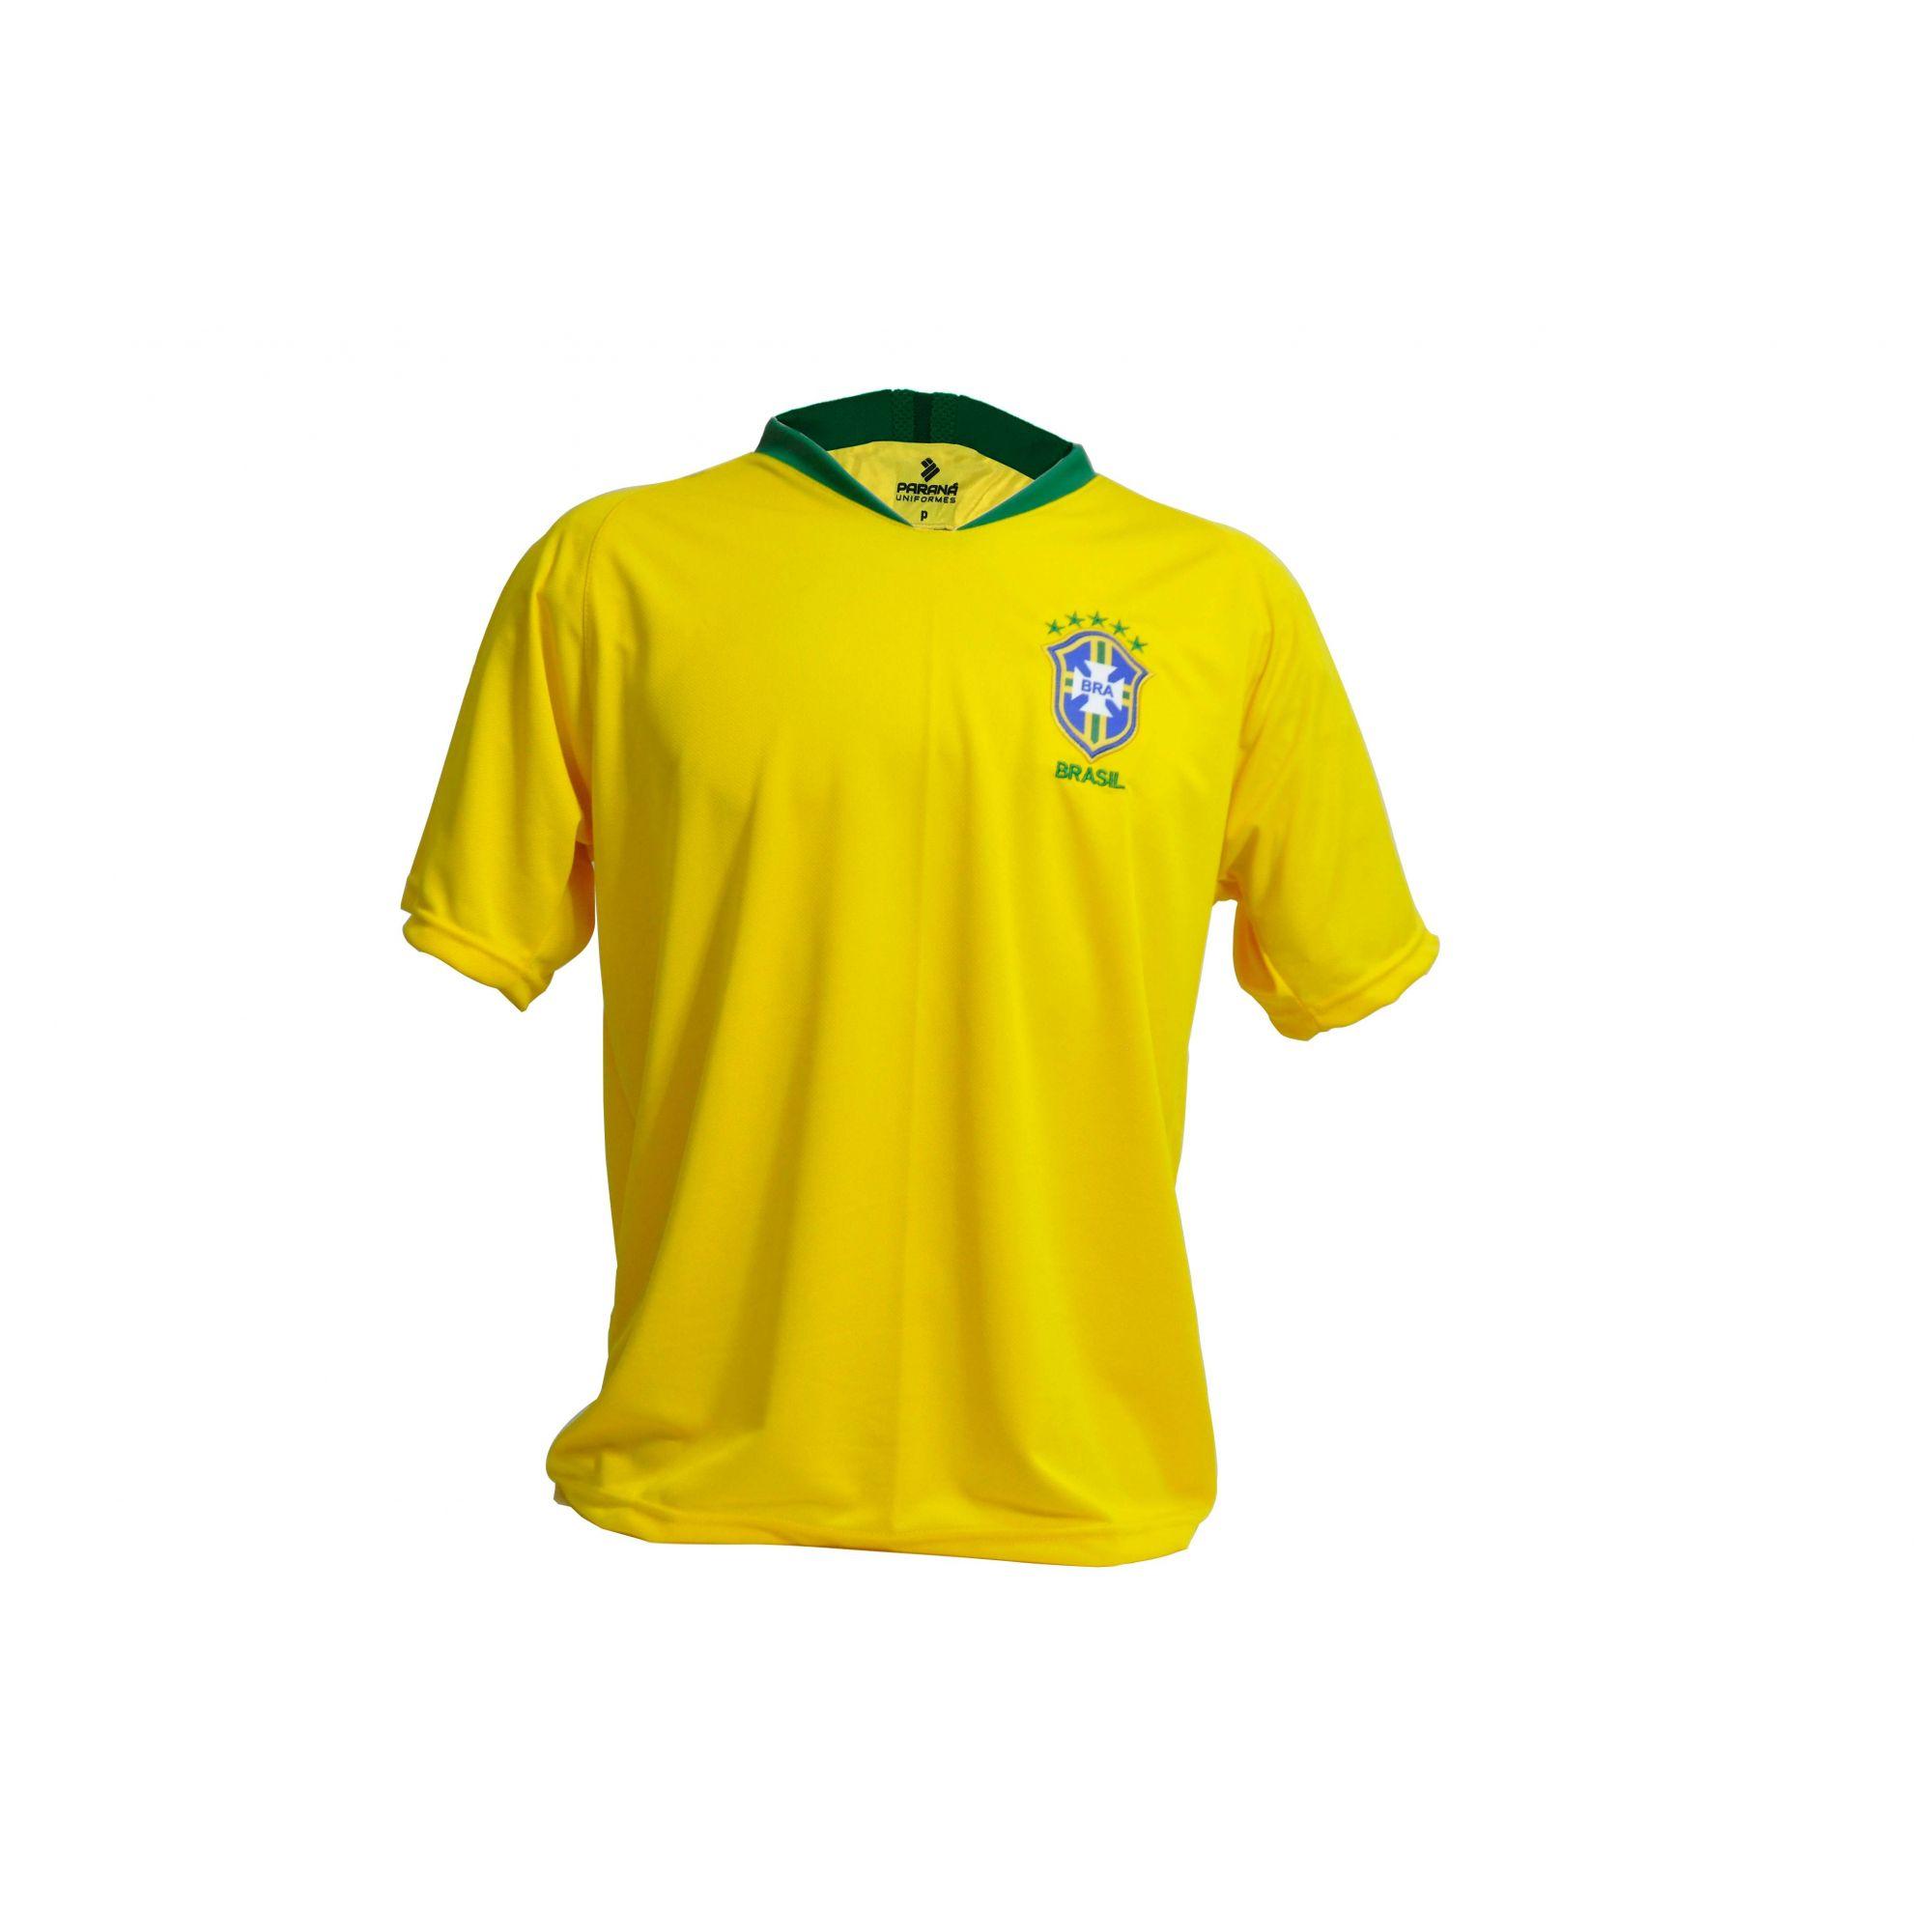 5385f3a41 Camisa Brasil Seleção Brasileira Copa 2018 Masculina - BRACIA SHOP ...